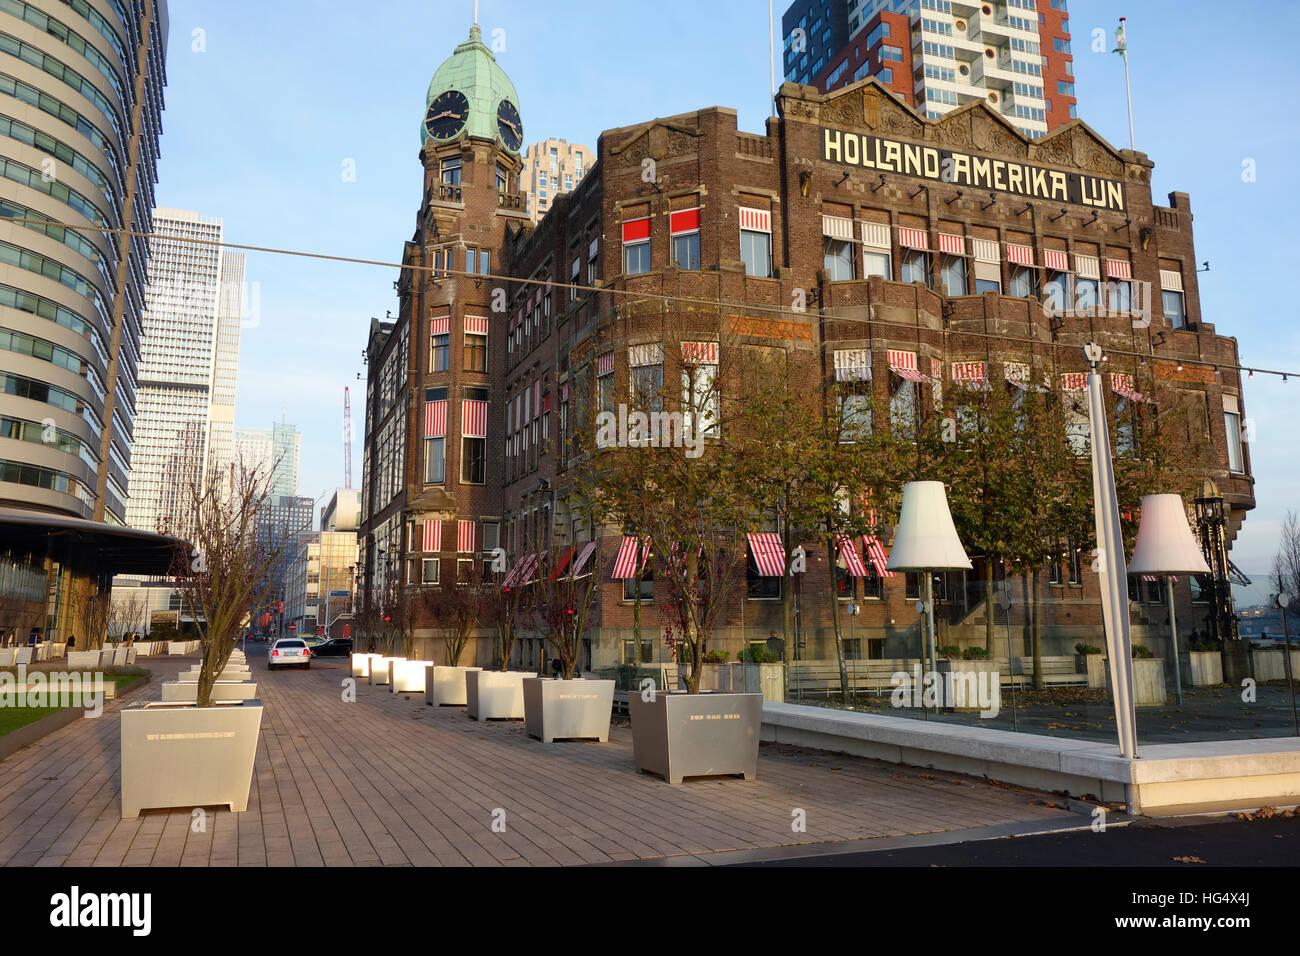 El Hotel New York, Holland Amerika Line, Rotterdam, Países Bajos Imagen De Stock